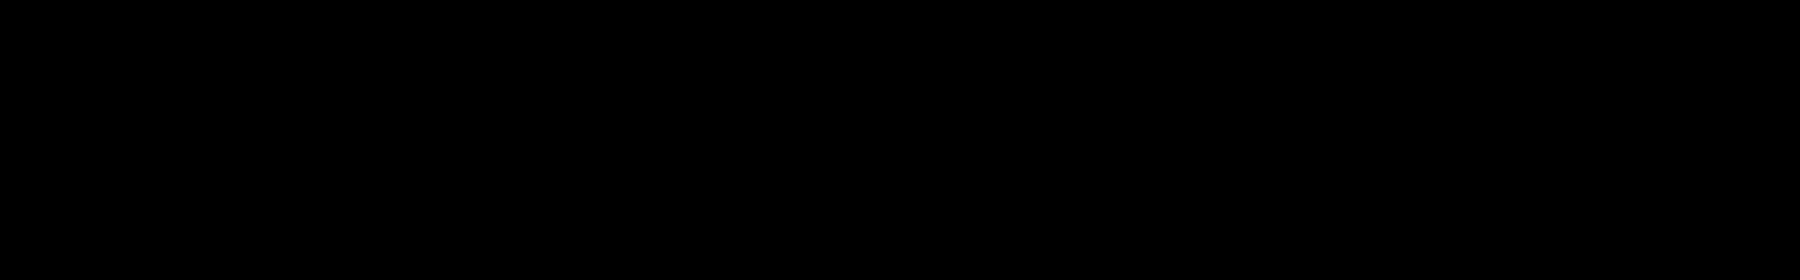 Trapperz audio waveform